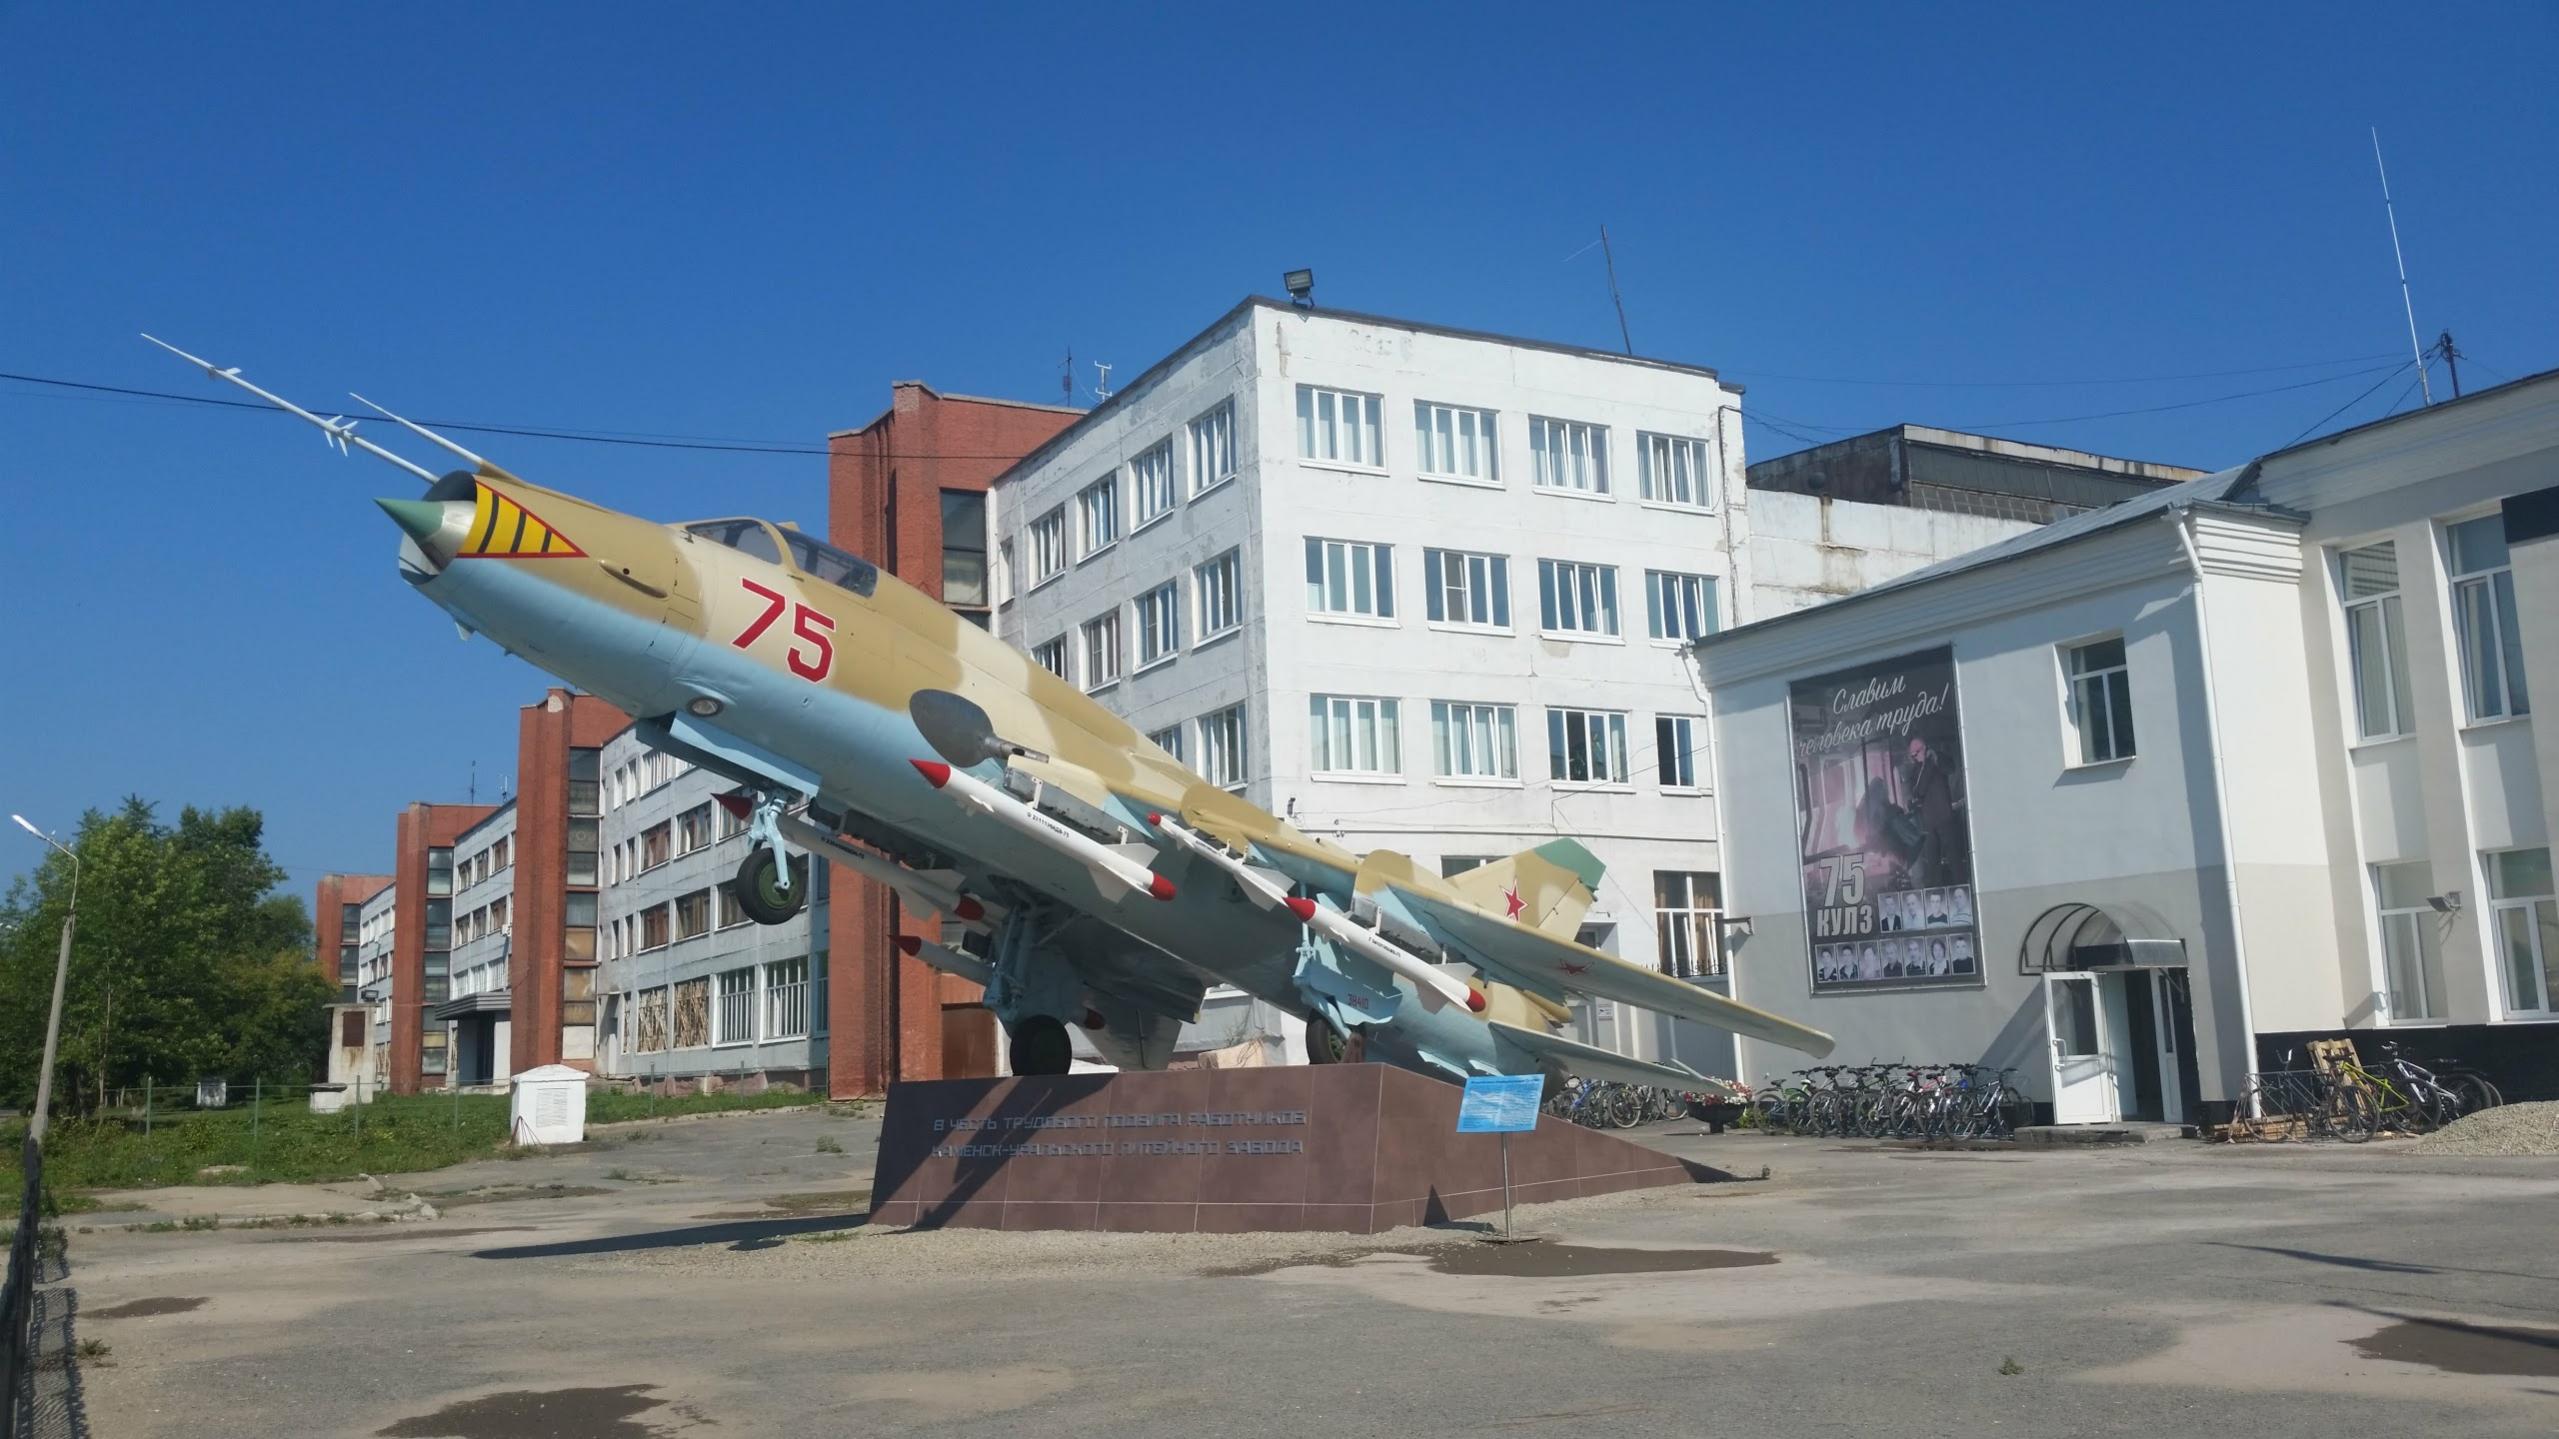 Naam: Su 17 - Kamensk-Uralski.jpg Bekeken: 125 Grootte: 330,0 KB